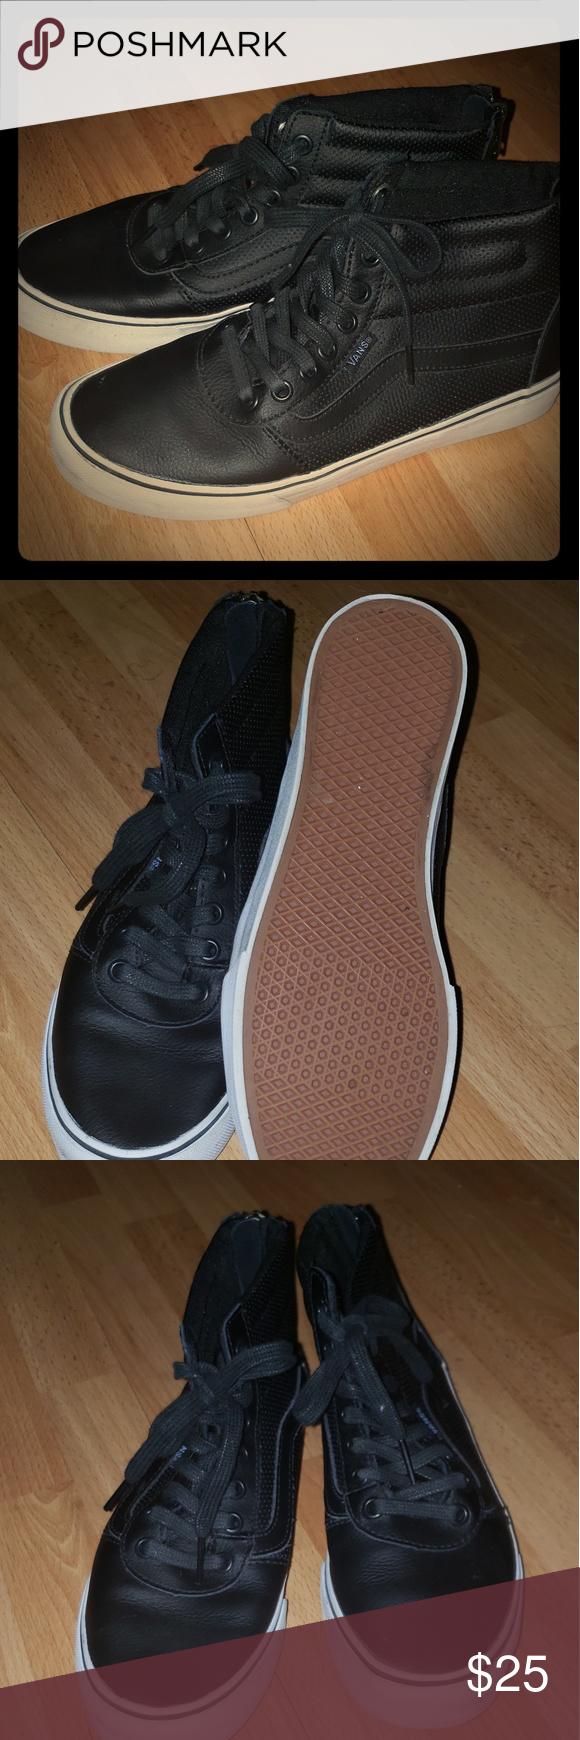 682fa09741 Sk8 high black perf leather vans Gently used Vans Shoes Sneakers